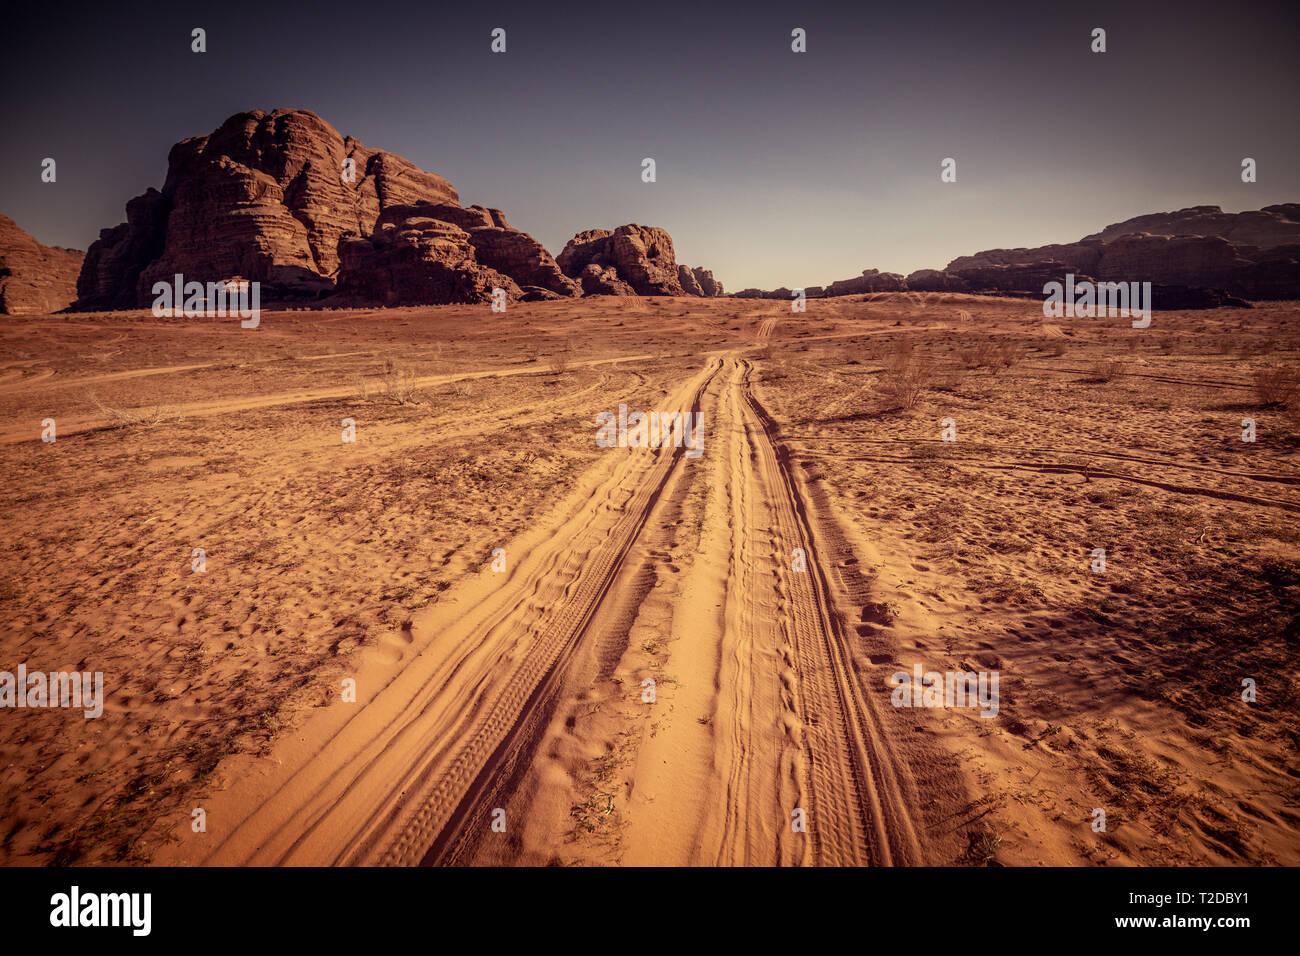 Sugestivas vistas del desierto de Wadi Rum en Jordania, el detalle de las huellas dejadas por los numerosos vehículos todoterreno que recorren una ruta turística cada día. Imagen De Stock